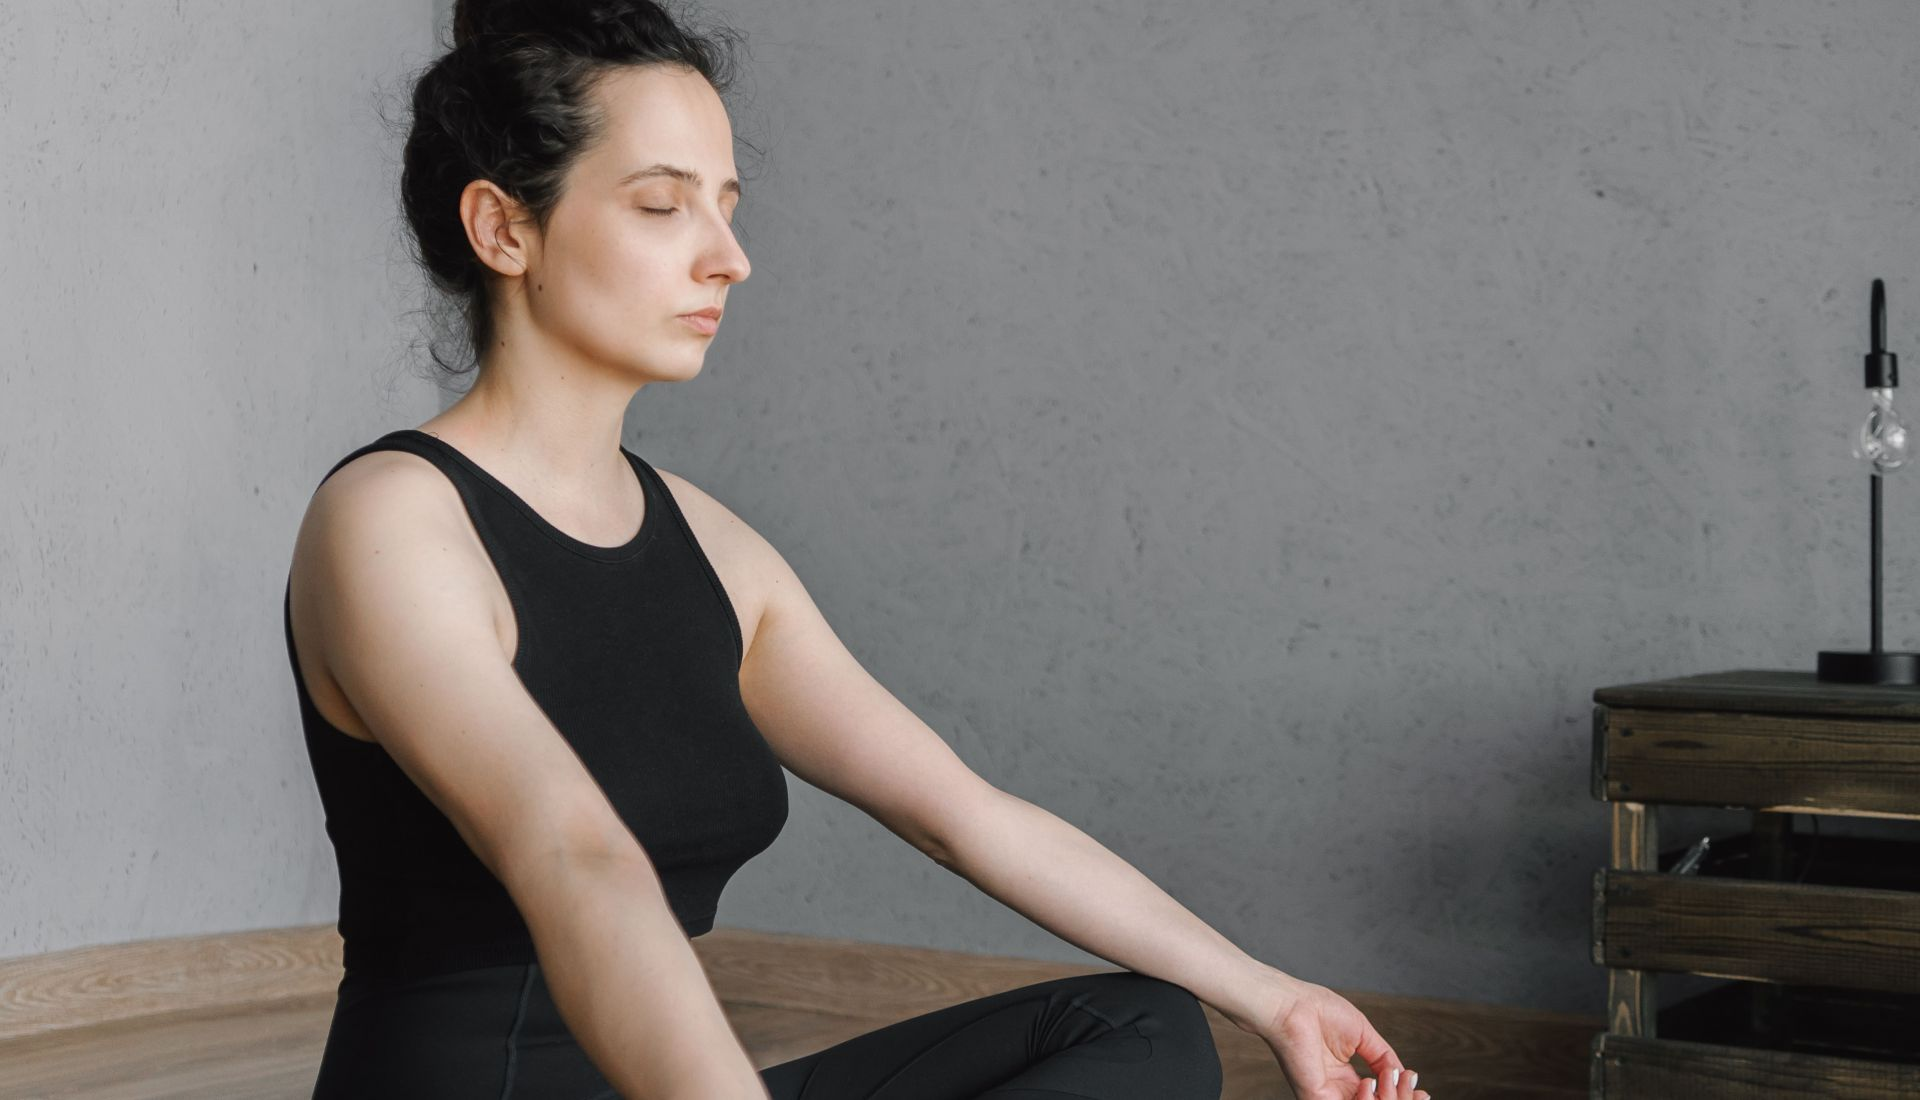 La respiration et le stress